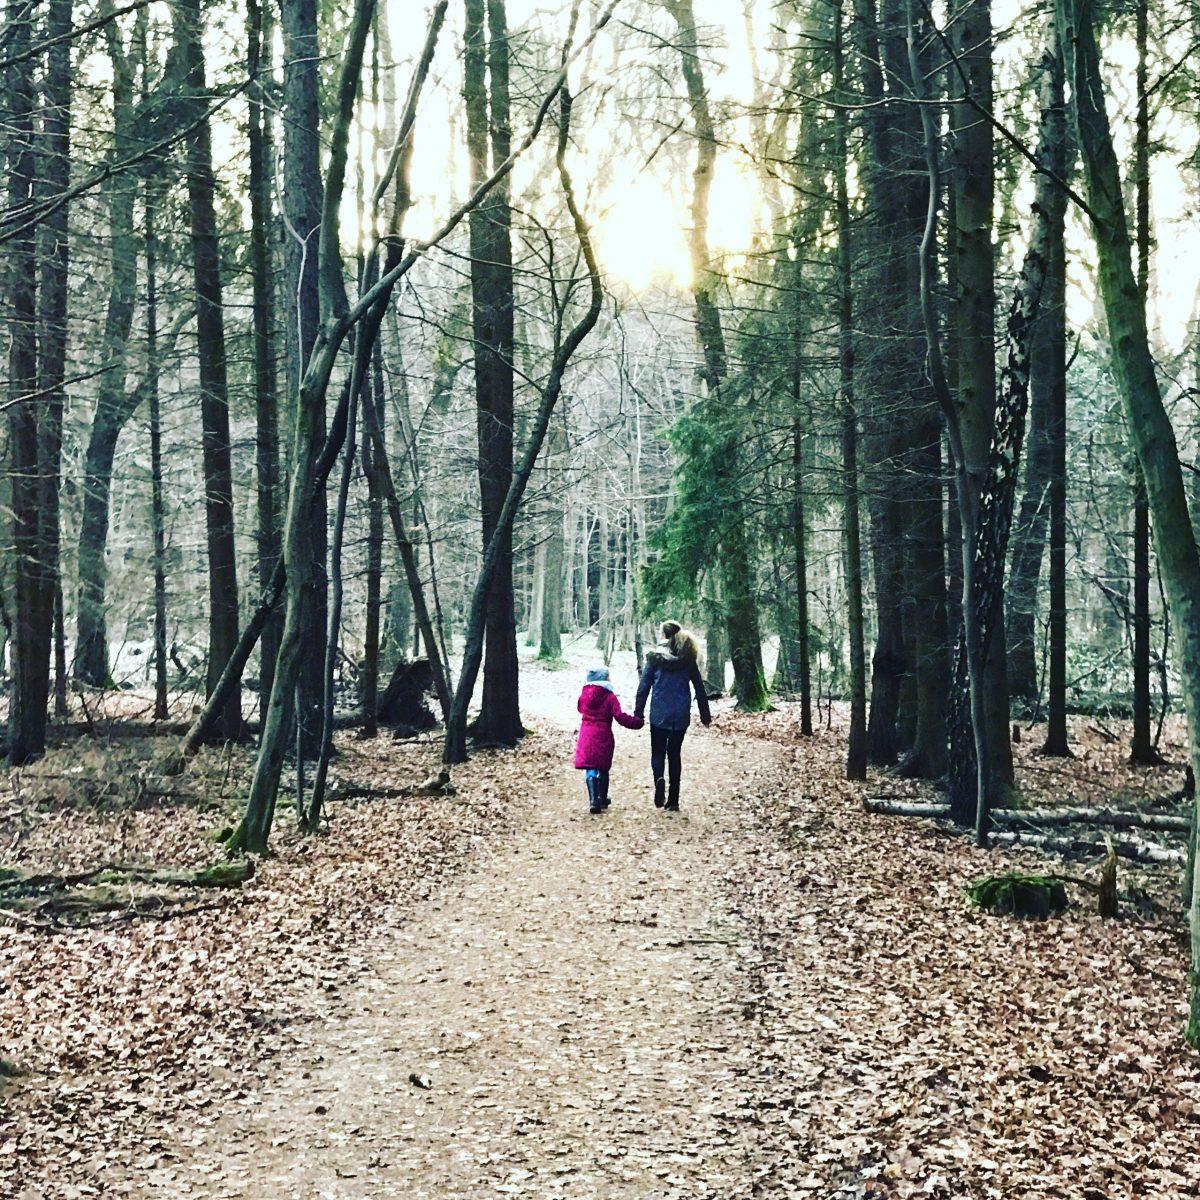 Wochenende in Bildern, Silvester, Rheinland, Besuch bei Freunden, Famimlienleben, Leben mit Kindern, zu Besuch, Reisen mit Kindern, unterwegs, Wochenrückblick